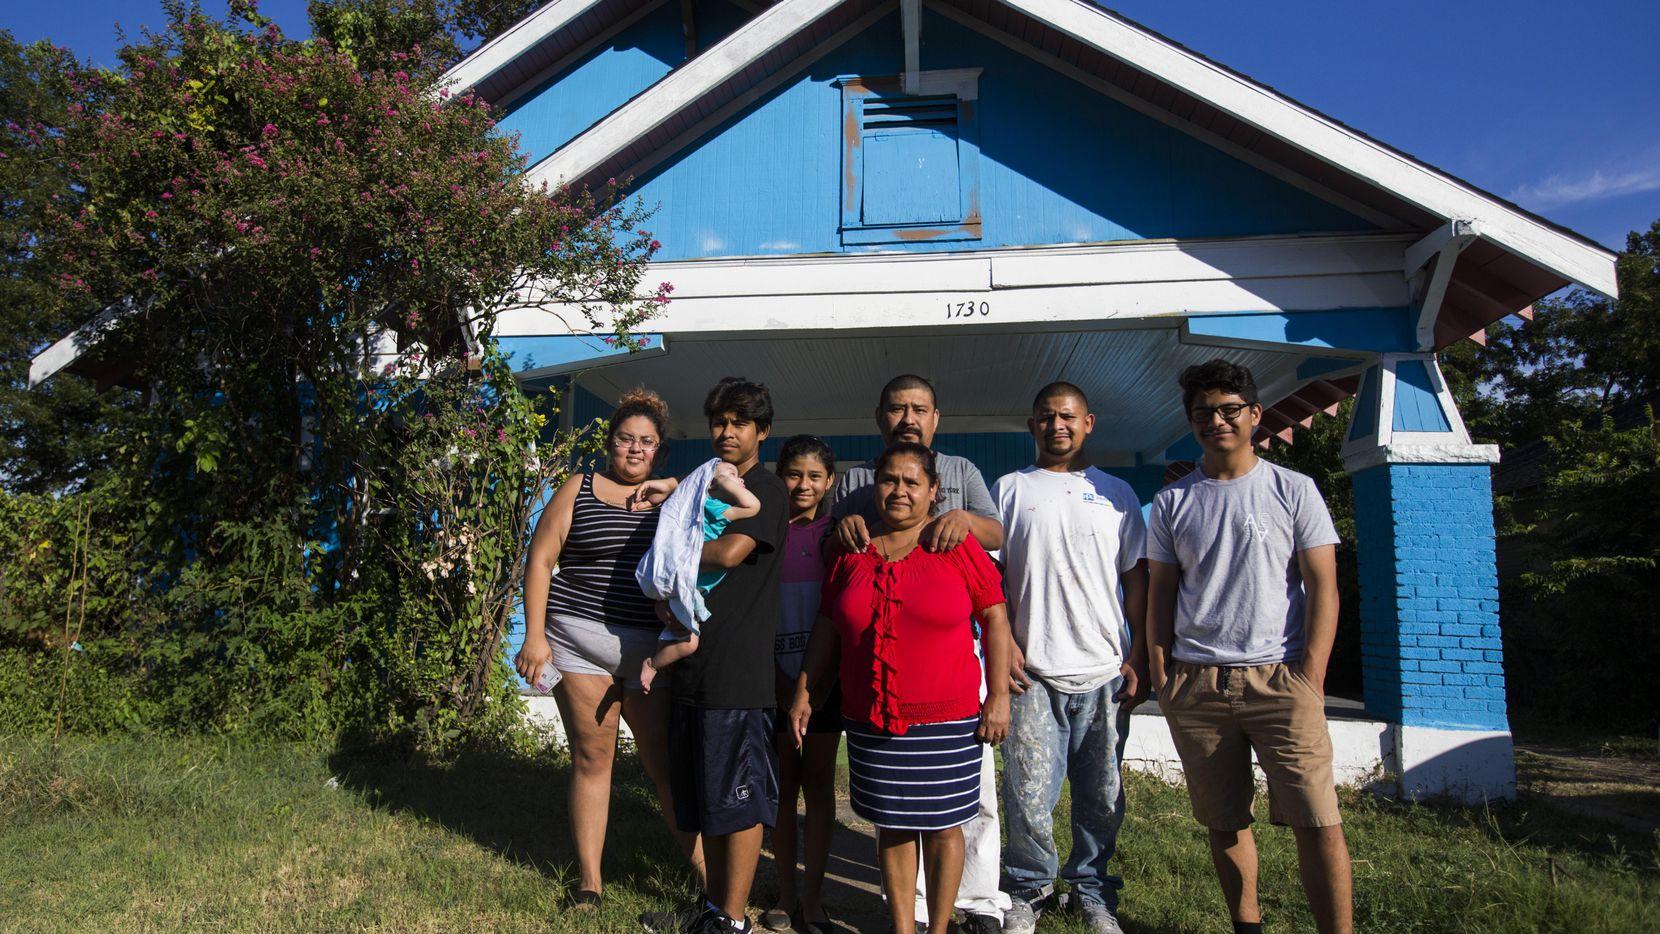 La familia Palma en su casa en Pine St. Recientemente la familia se enteró que la vivienda que habían comprado no le pertenecía a la persona que les vendió. Invirtieron miles de dólares en reparaciones y el martes su casa fue rematada.  ASHLEY LANDIS/DMN